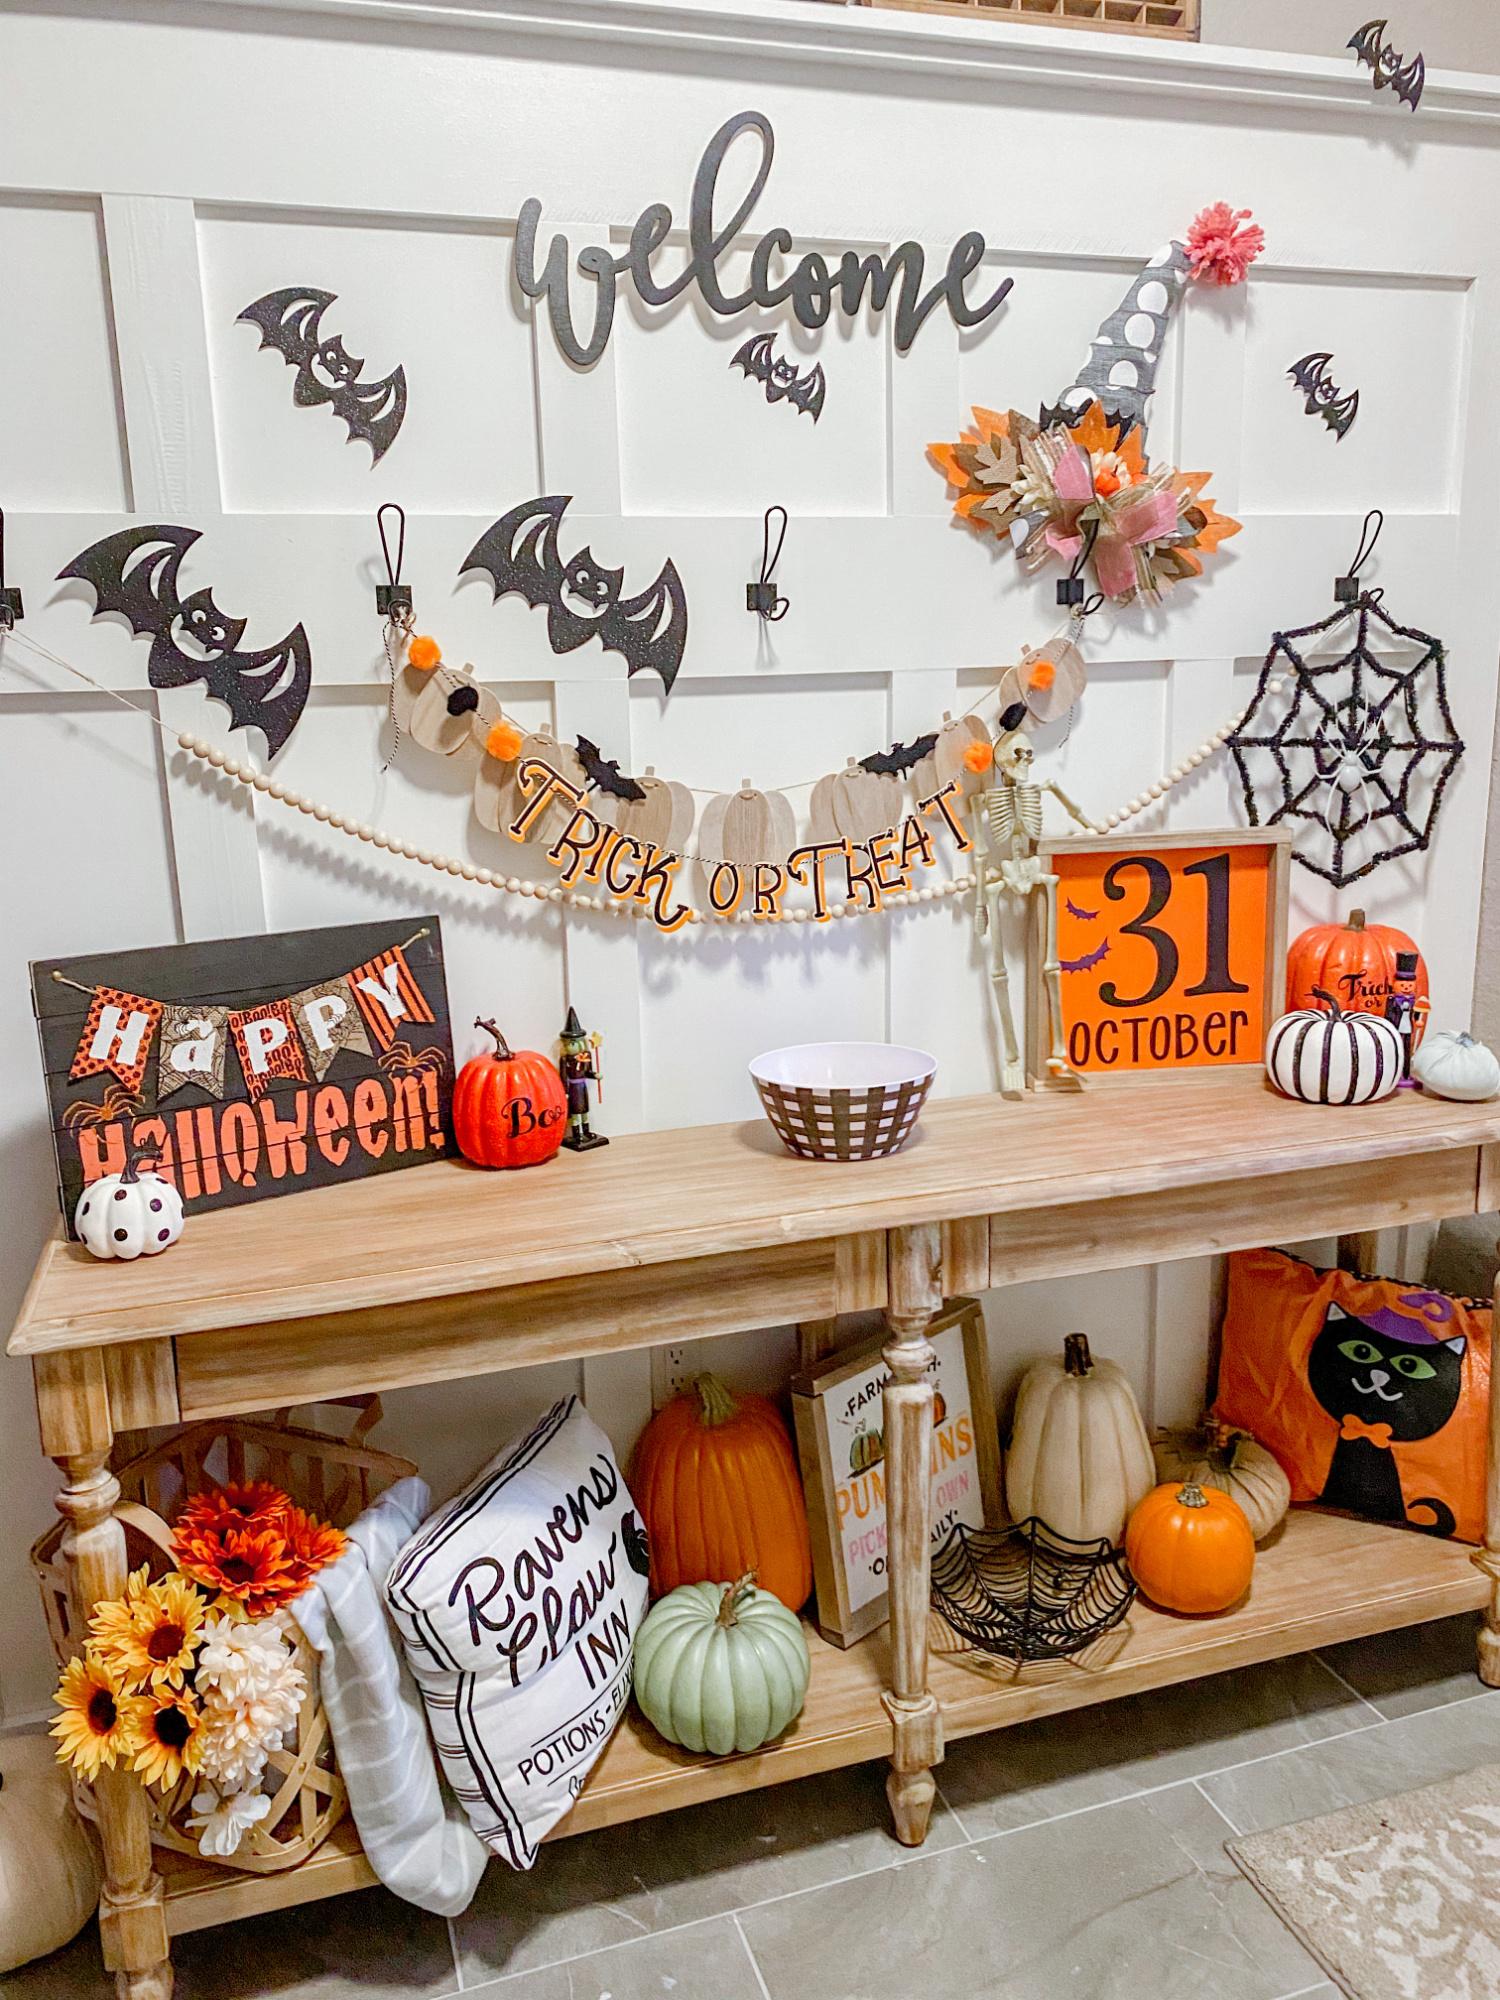 DIY Halloween Wood Sign making kit